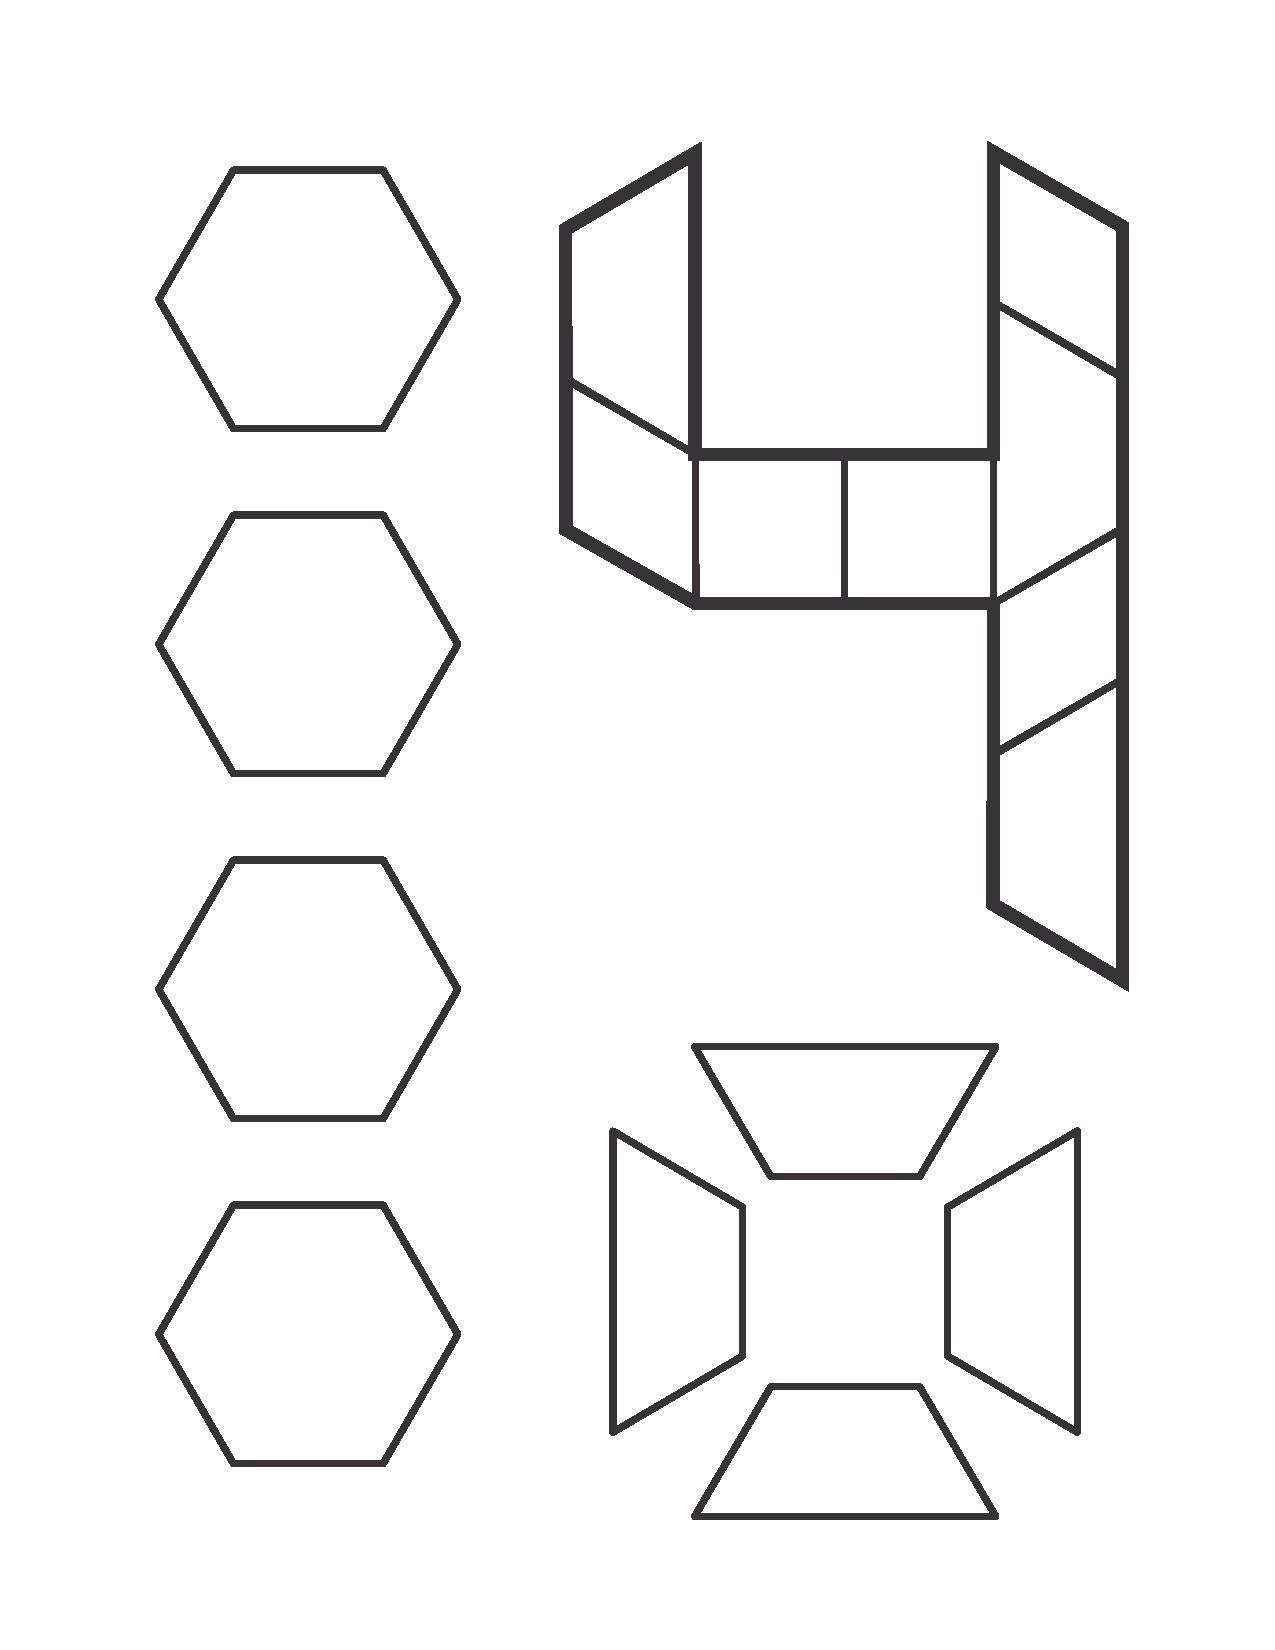 Number Pattern Block Cards For Kids 8 Funnycrafts